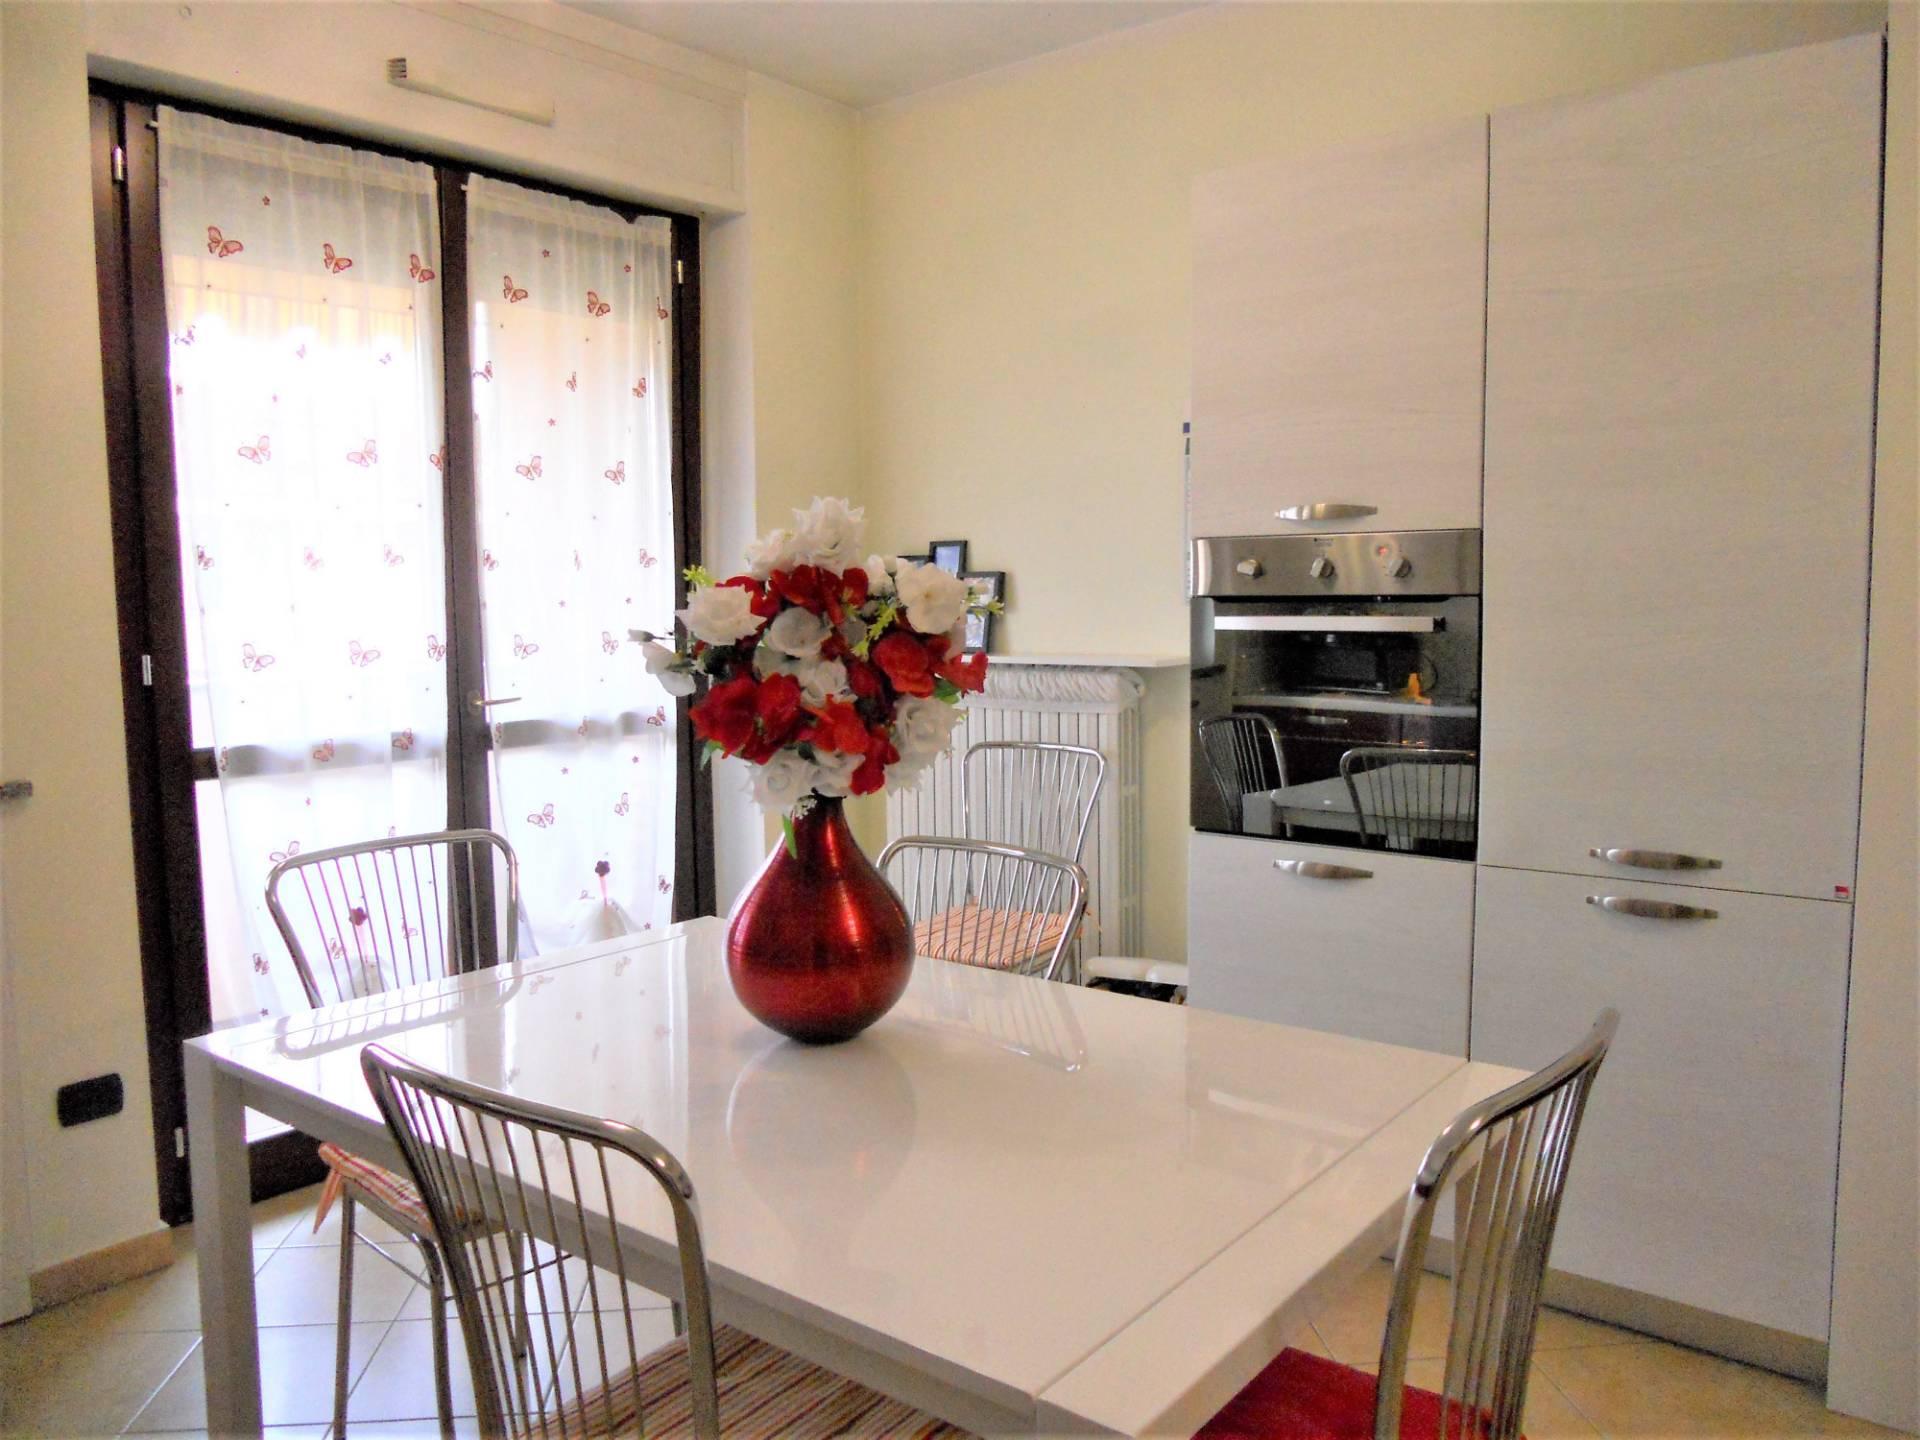 Appartamento in vendita a Vinovo, 2 locali, zona Località: Centrale, prezzo € 110.000 | PortaleAgenzieImmobiliari.it